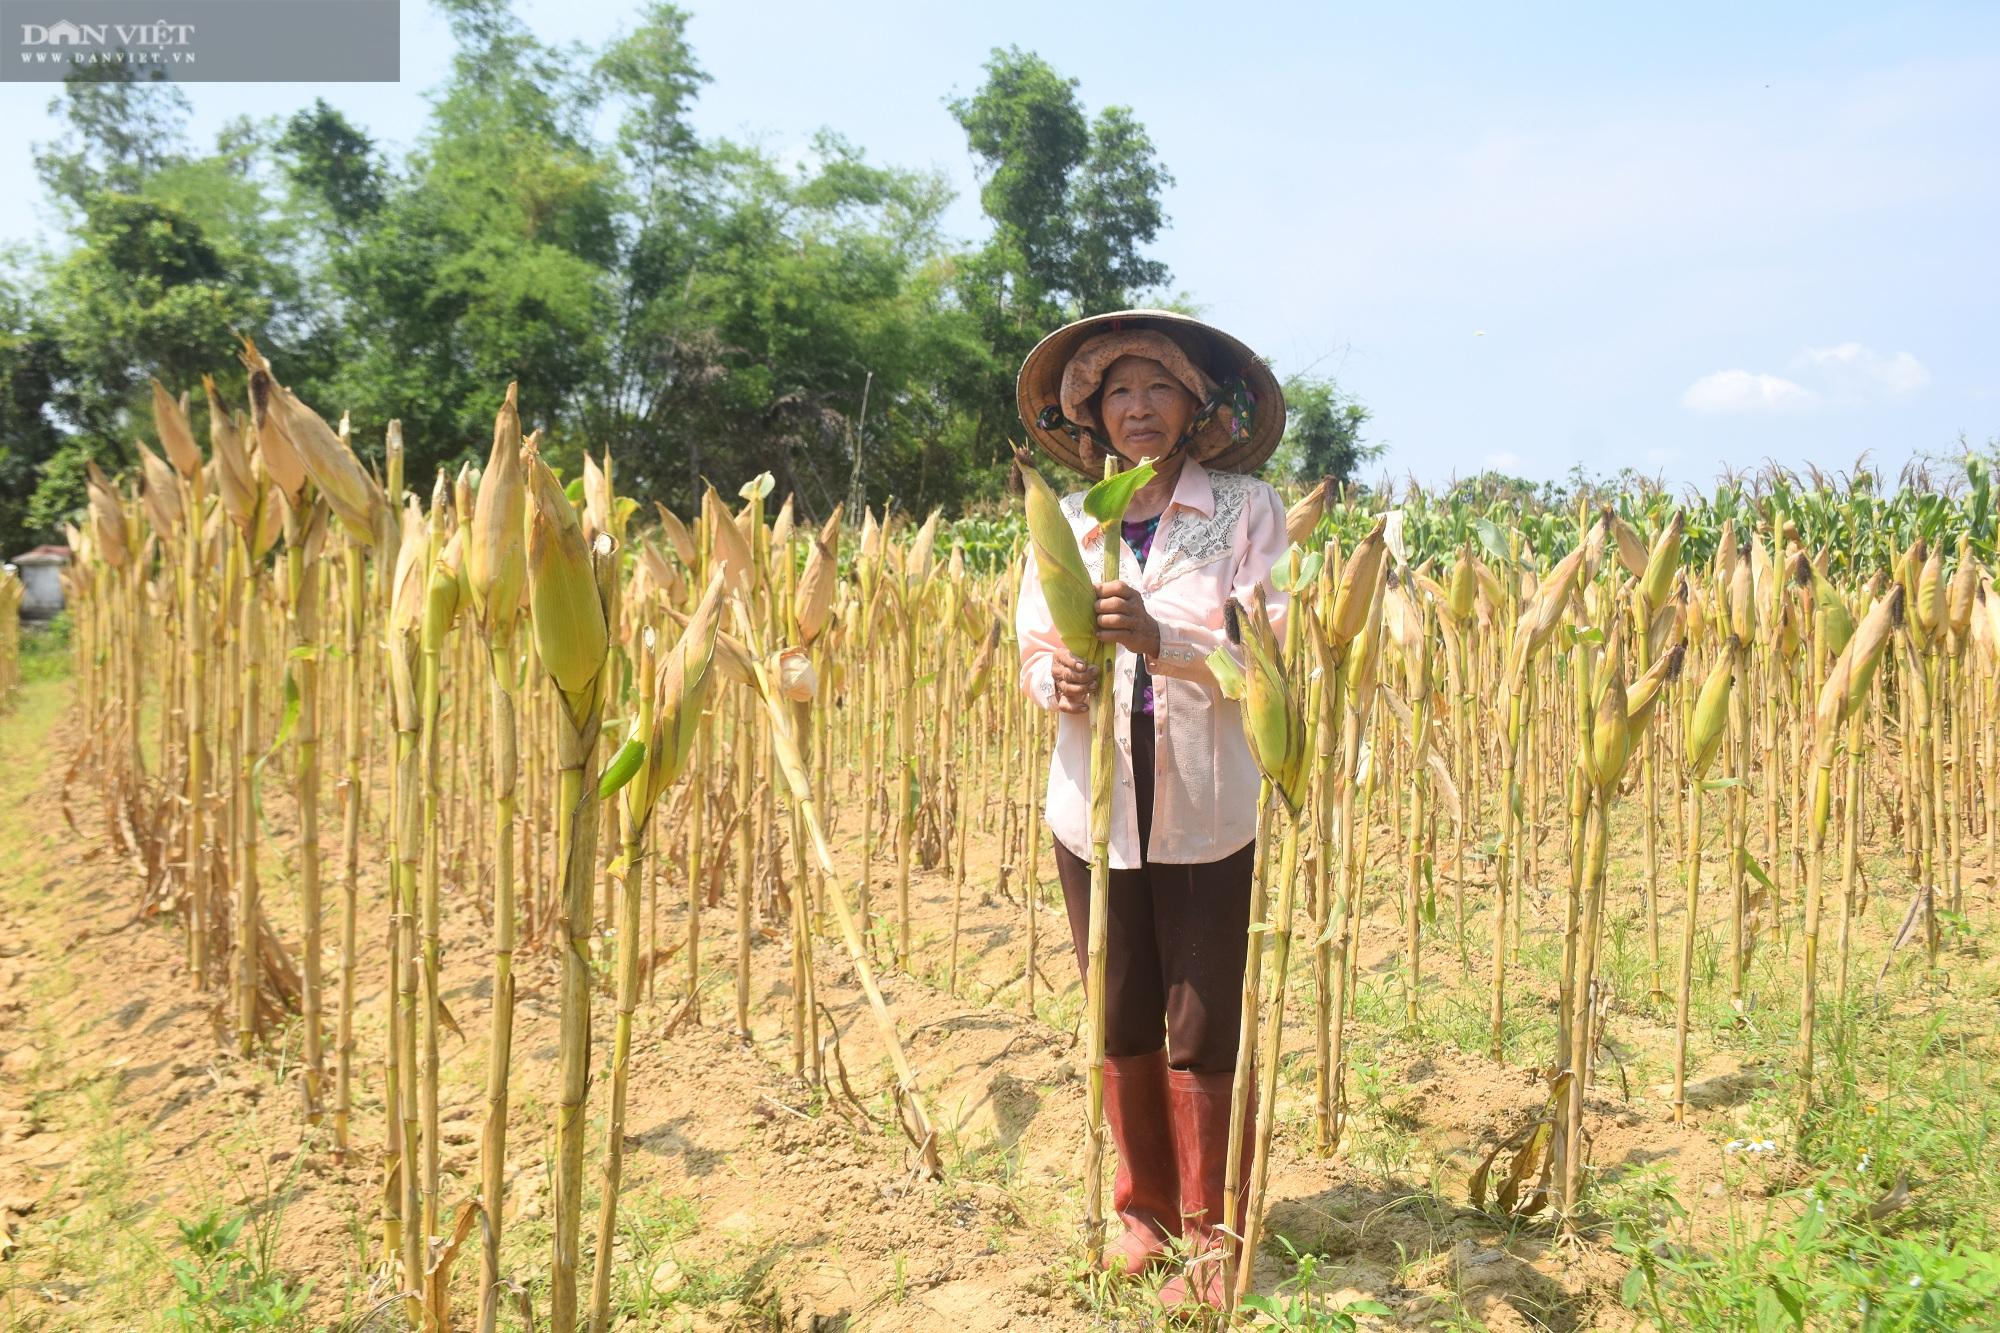 """Bình Định: Vùng này thiếu nước, nông dân """"bắt tay"""" chuyển đổi cây trồng và cái kết không ngờ - Ảnh 3."""